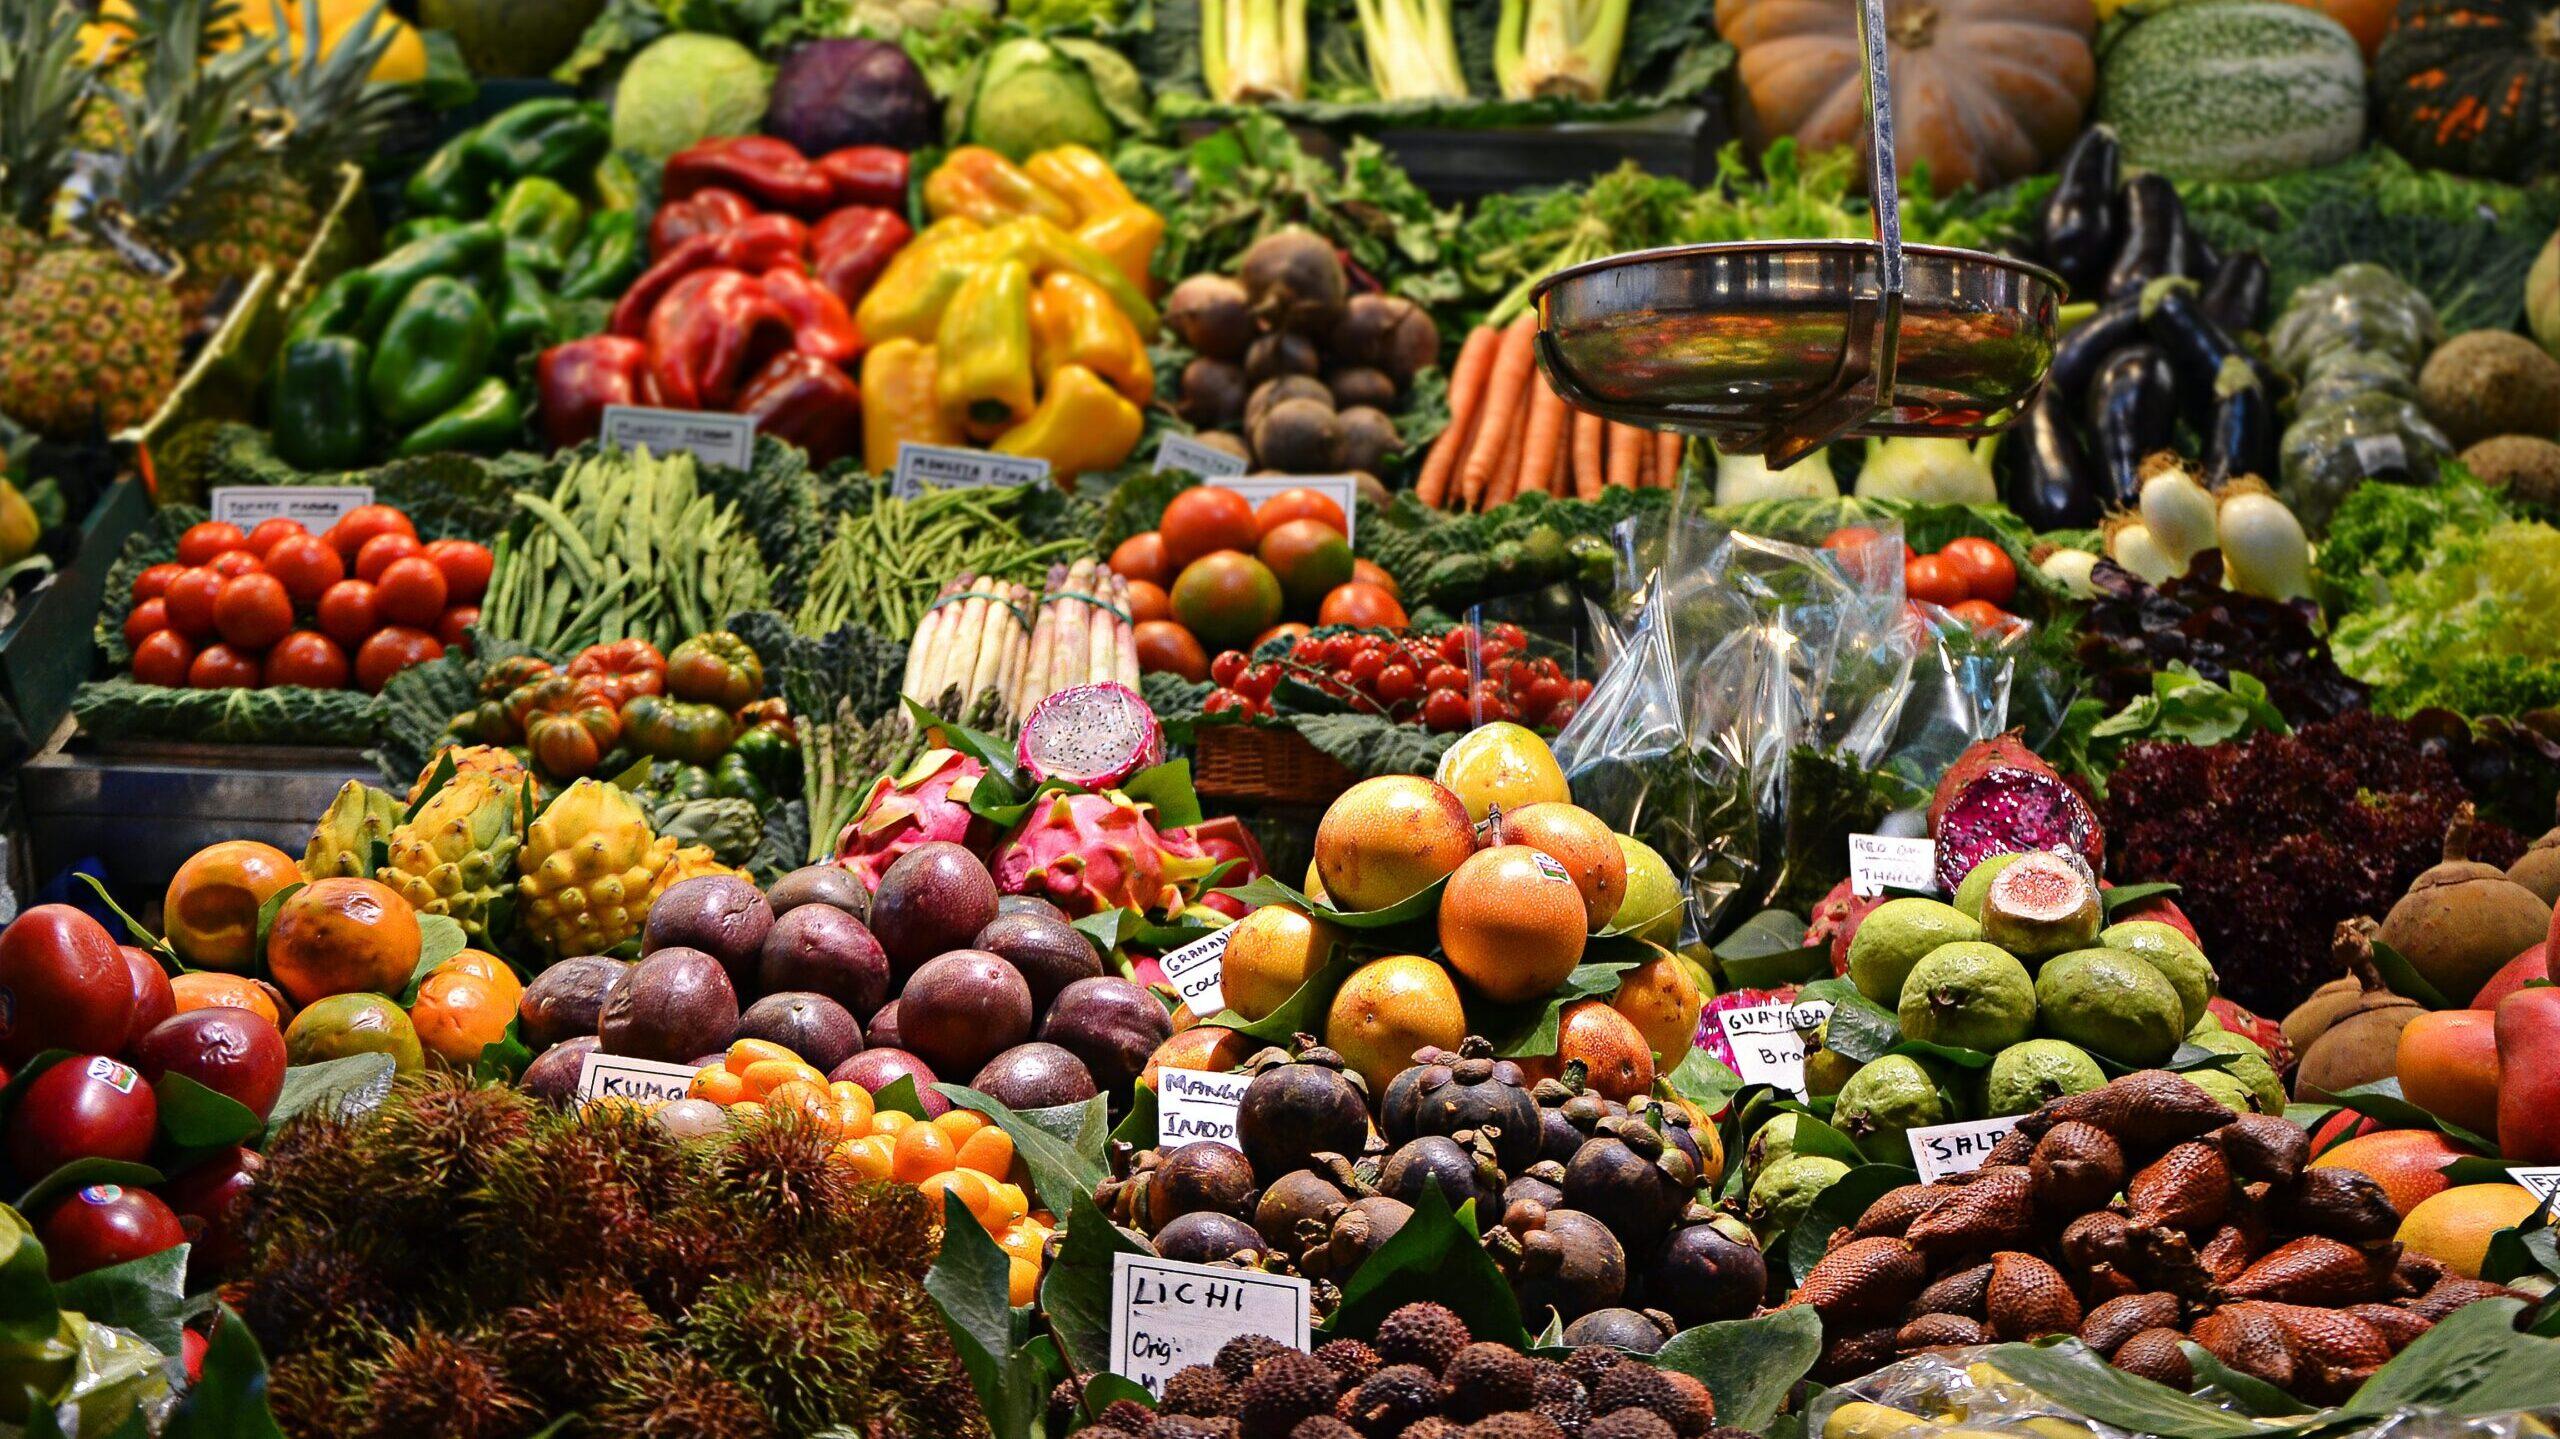 El mercado de Veracruz: tradición, negocio y familia